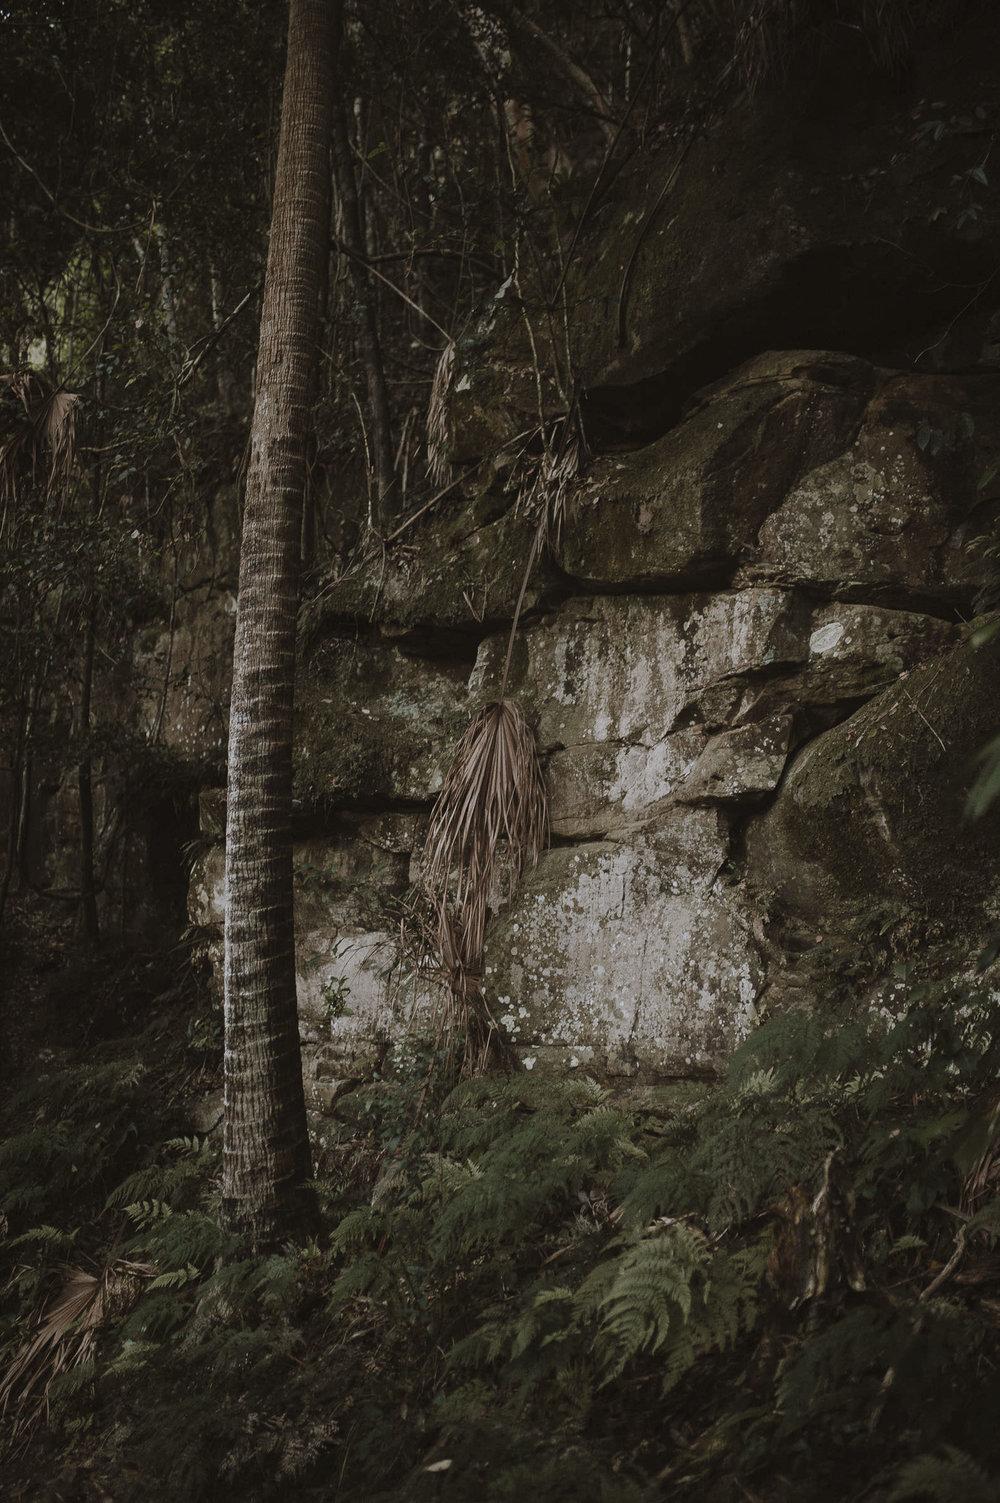 Madeleine_Nathan_Gap_Creek_Falls_Watagens_Anteloping_Elopement-77.jpg